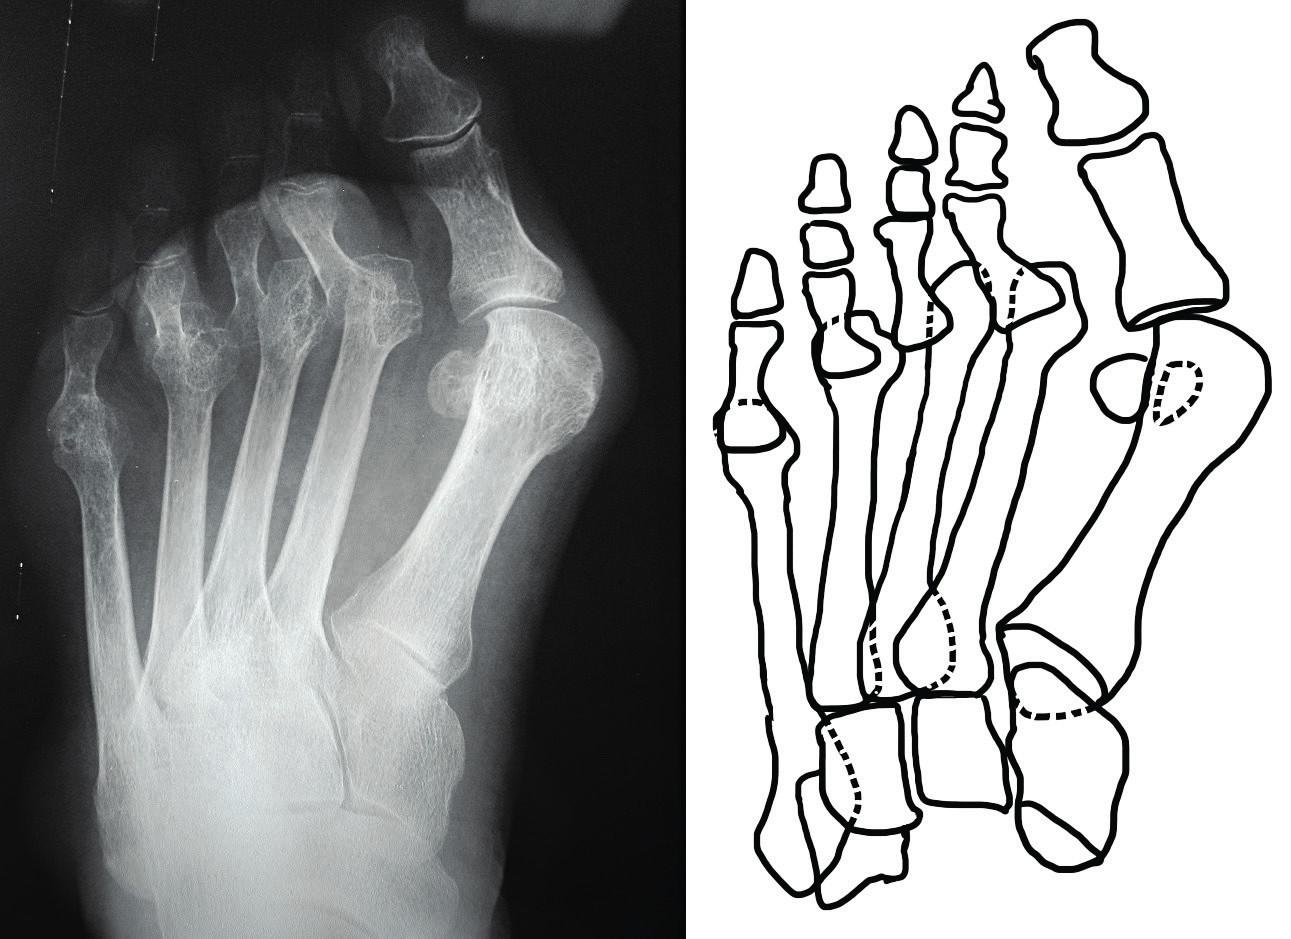 Předozadní rentgenový snímek přednoží s destrukcí hlaviček metatarzů a luxací II. až V. metatarzofalangeálního skloubení; patrná hallux valgus deformita palce nohy, varózní postavení I. metatarzu se zvětšením prvního intermetatarzálního úhlu.